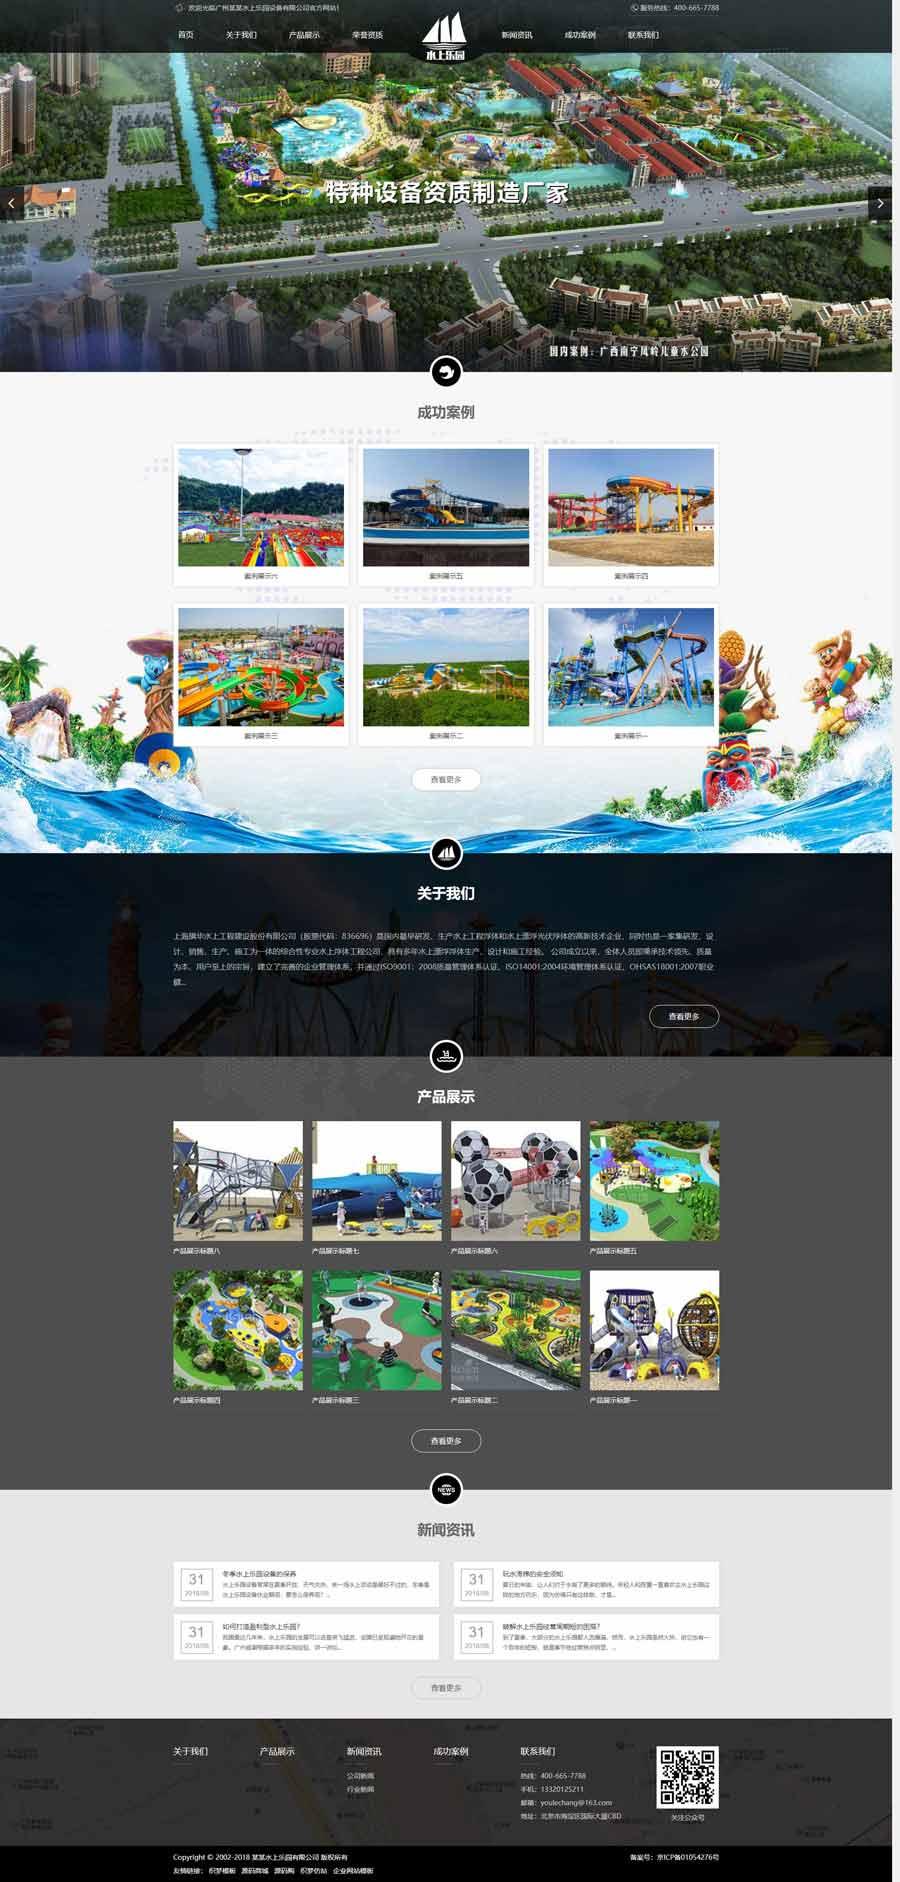 水上游乐园设备类响应式网站筱航科技模板